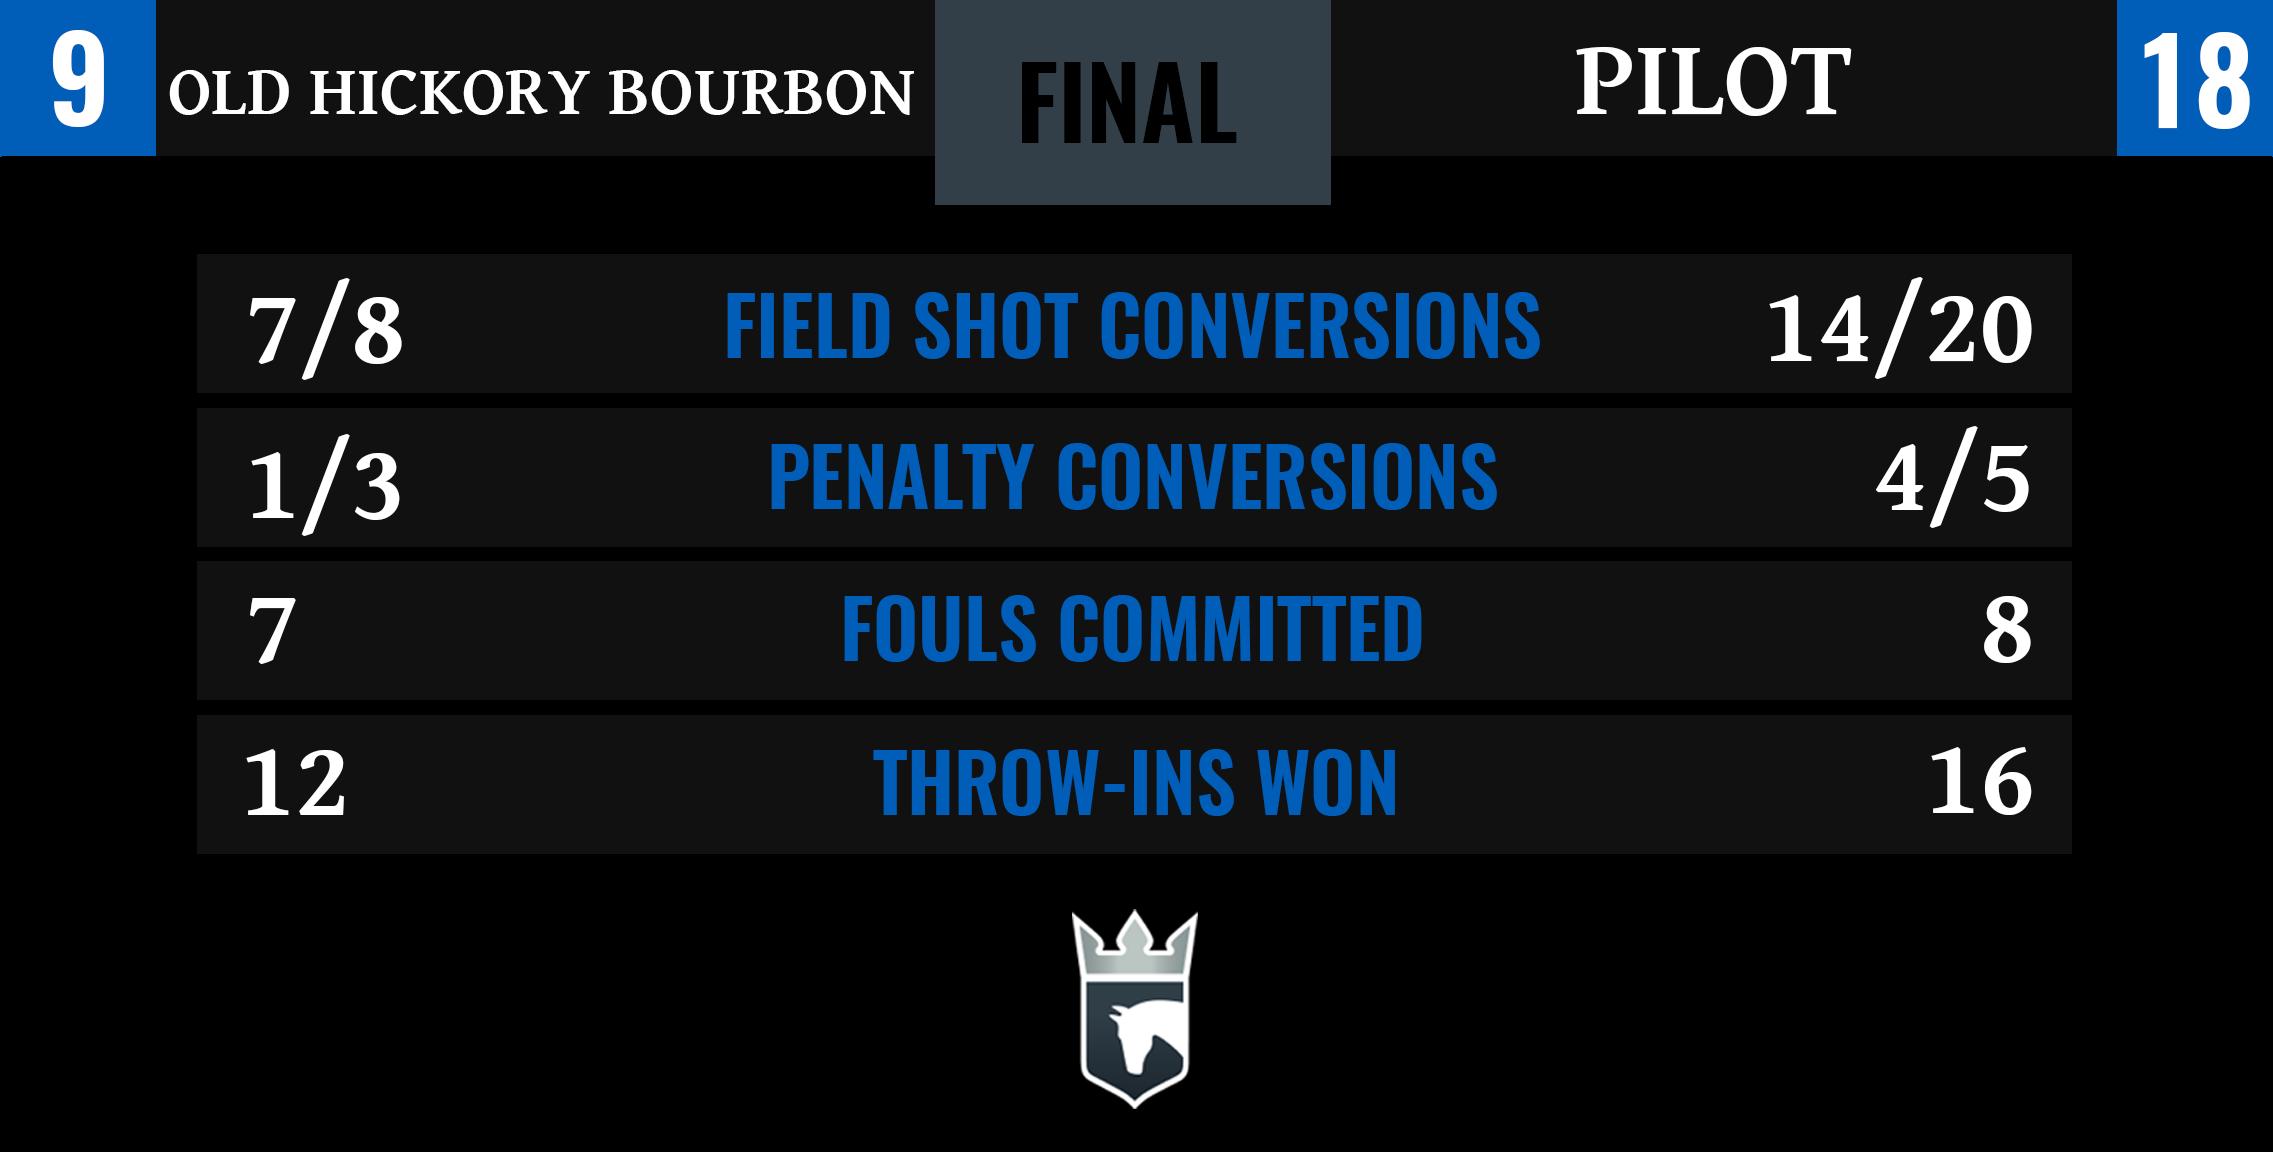 Final Stats- Old Hickory Bourbon vs Pilot